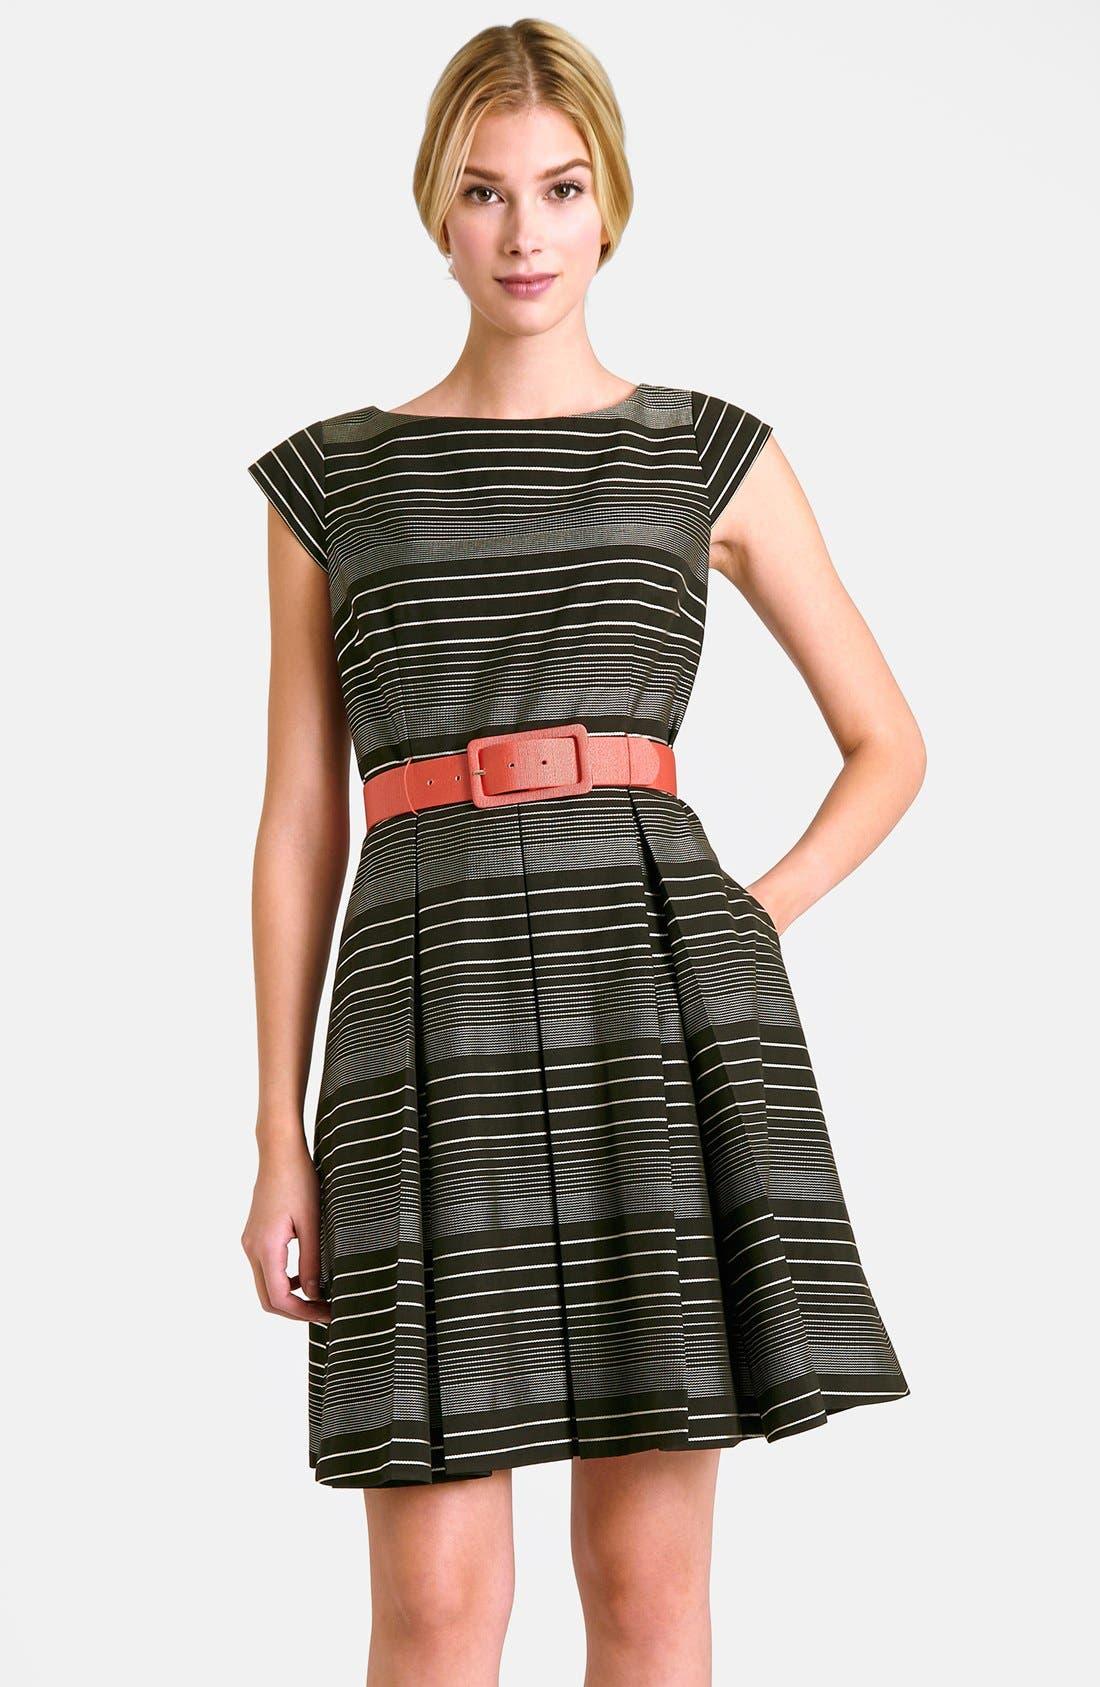 Alternate Image 1 Selected - Tahari Belted Stripe Fit & Flare Dress (Regular & Petite)